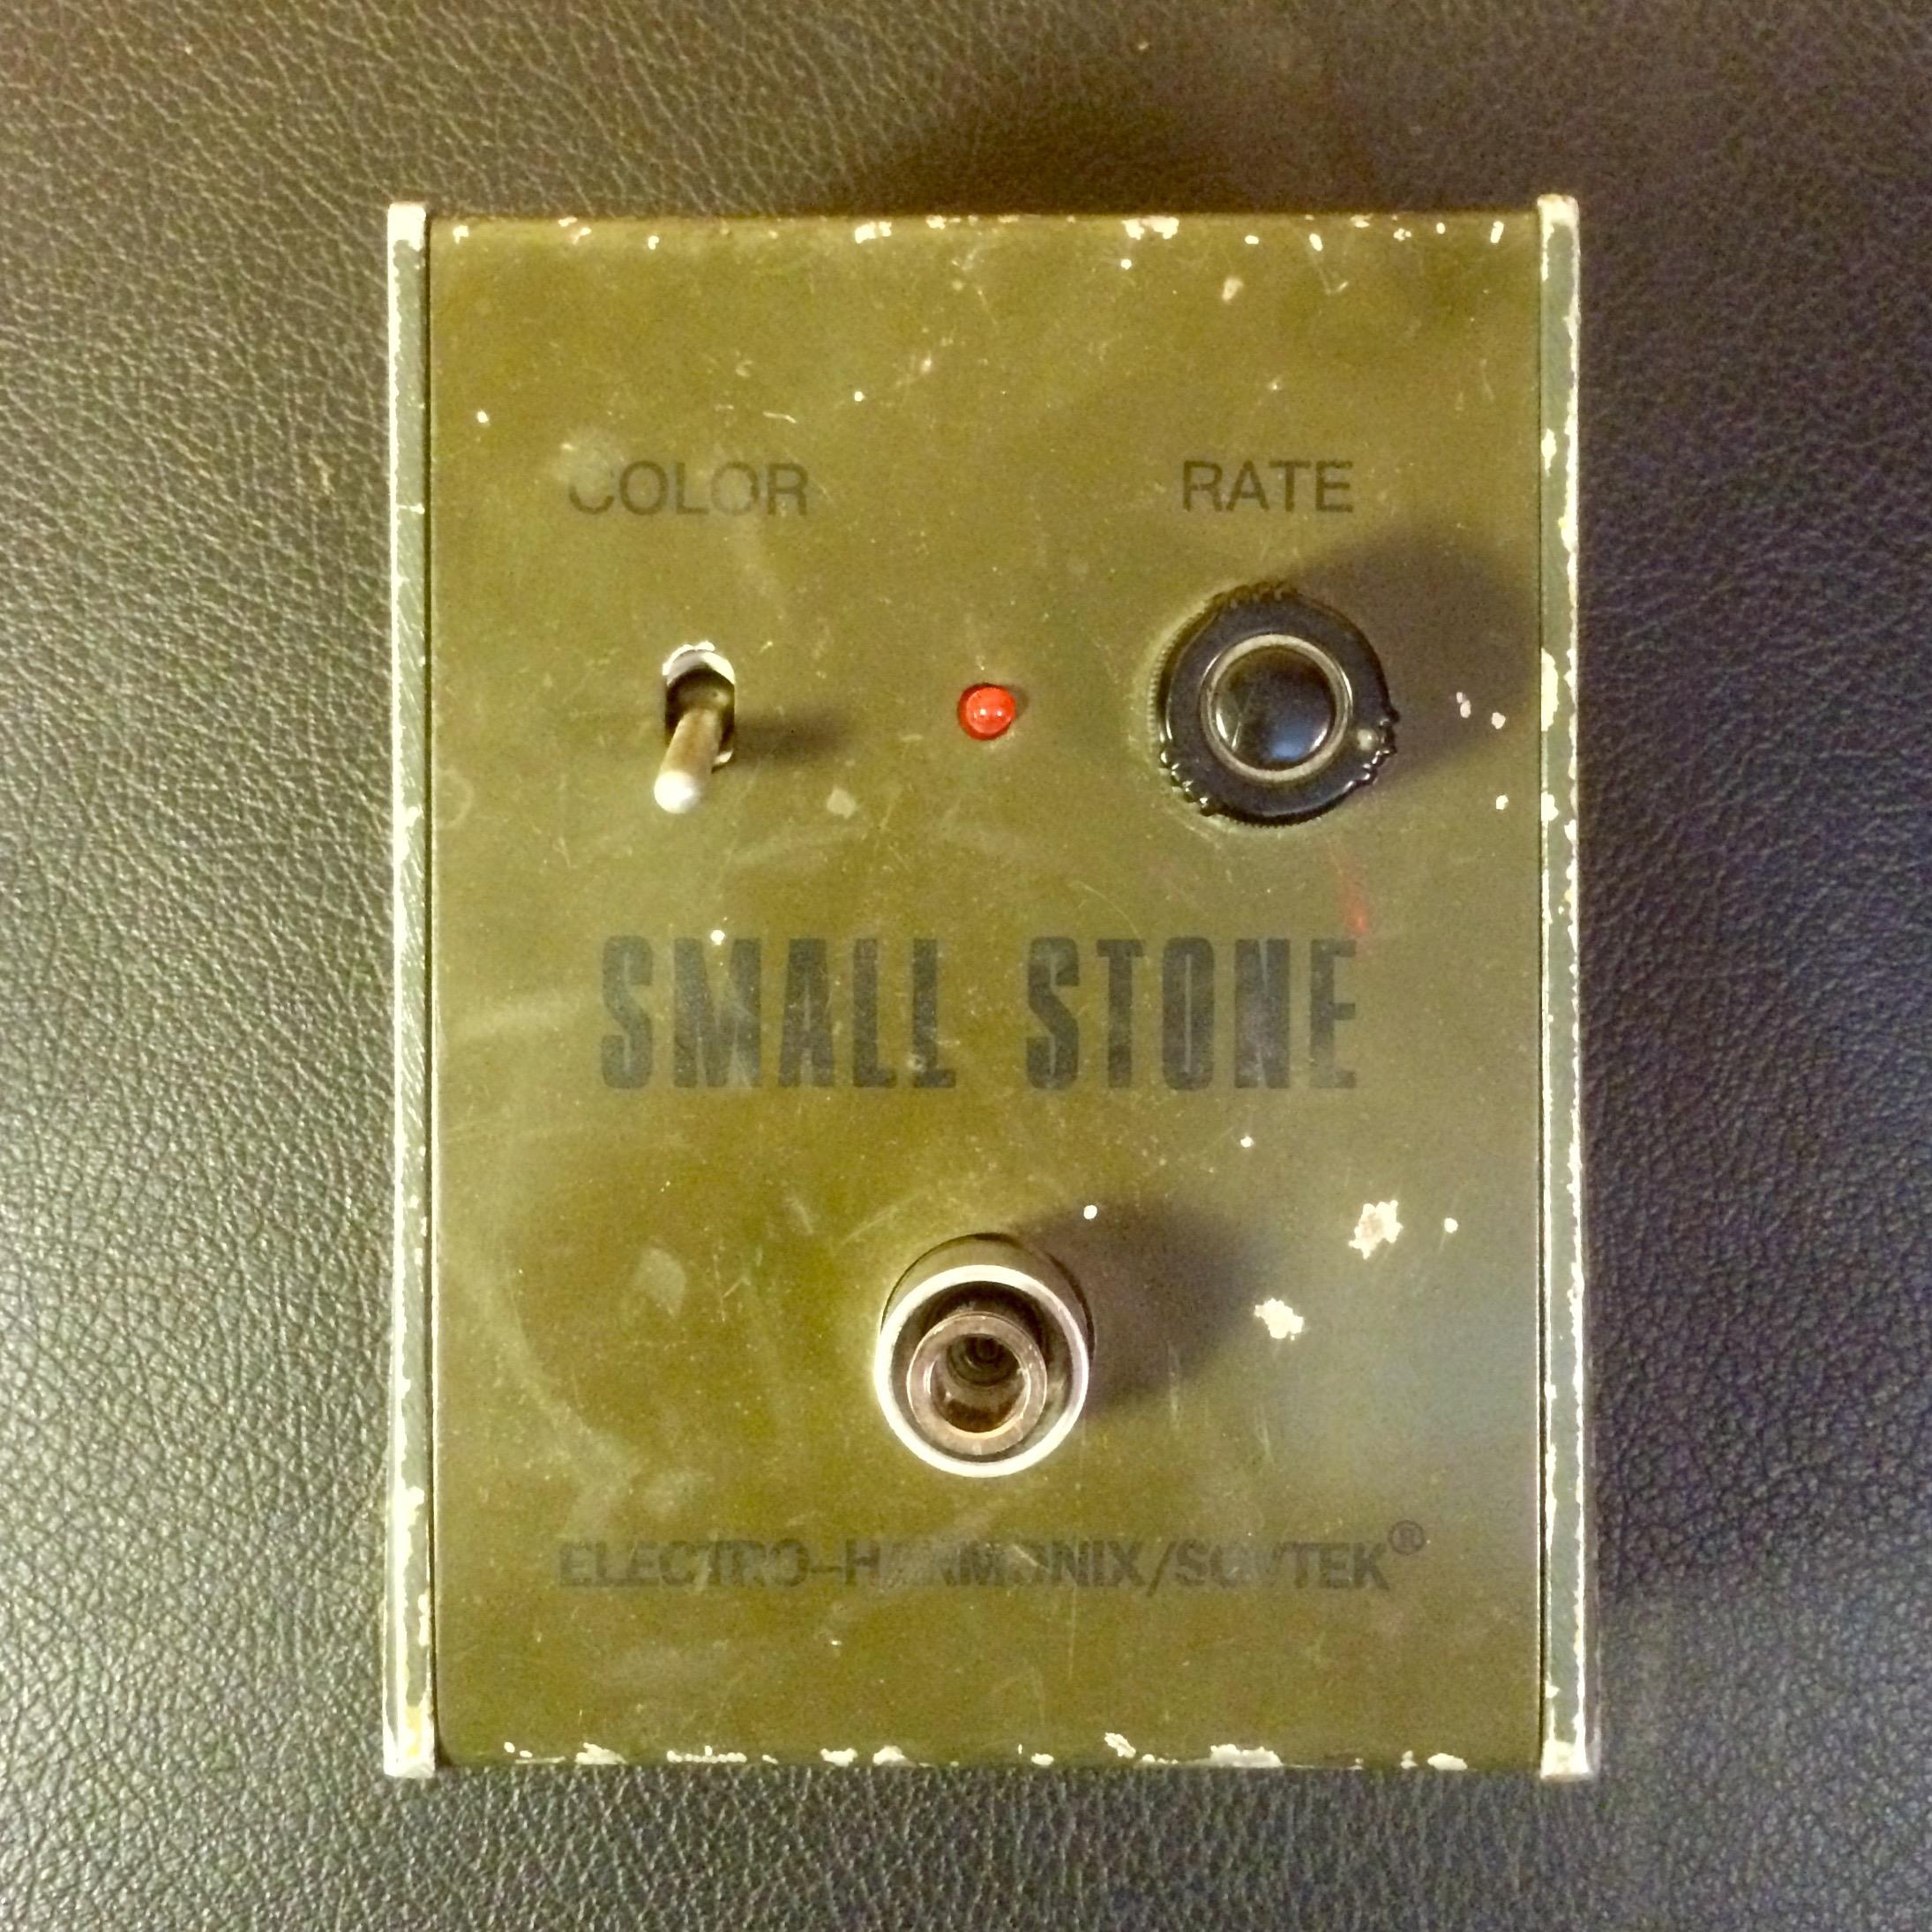 Electro Harmonix Small Stone Pedal Vintage